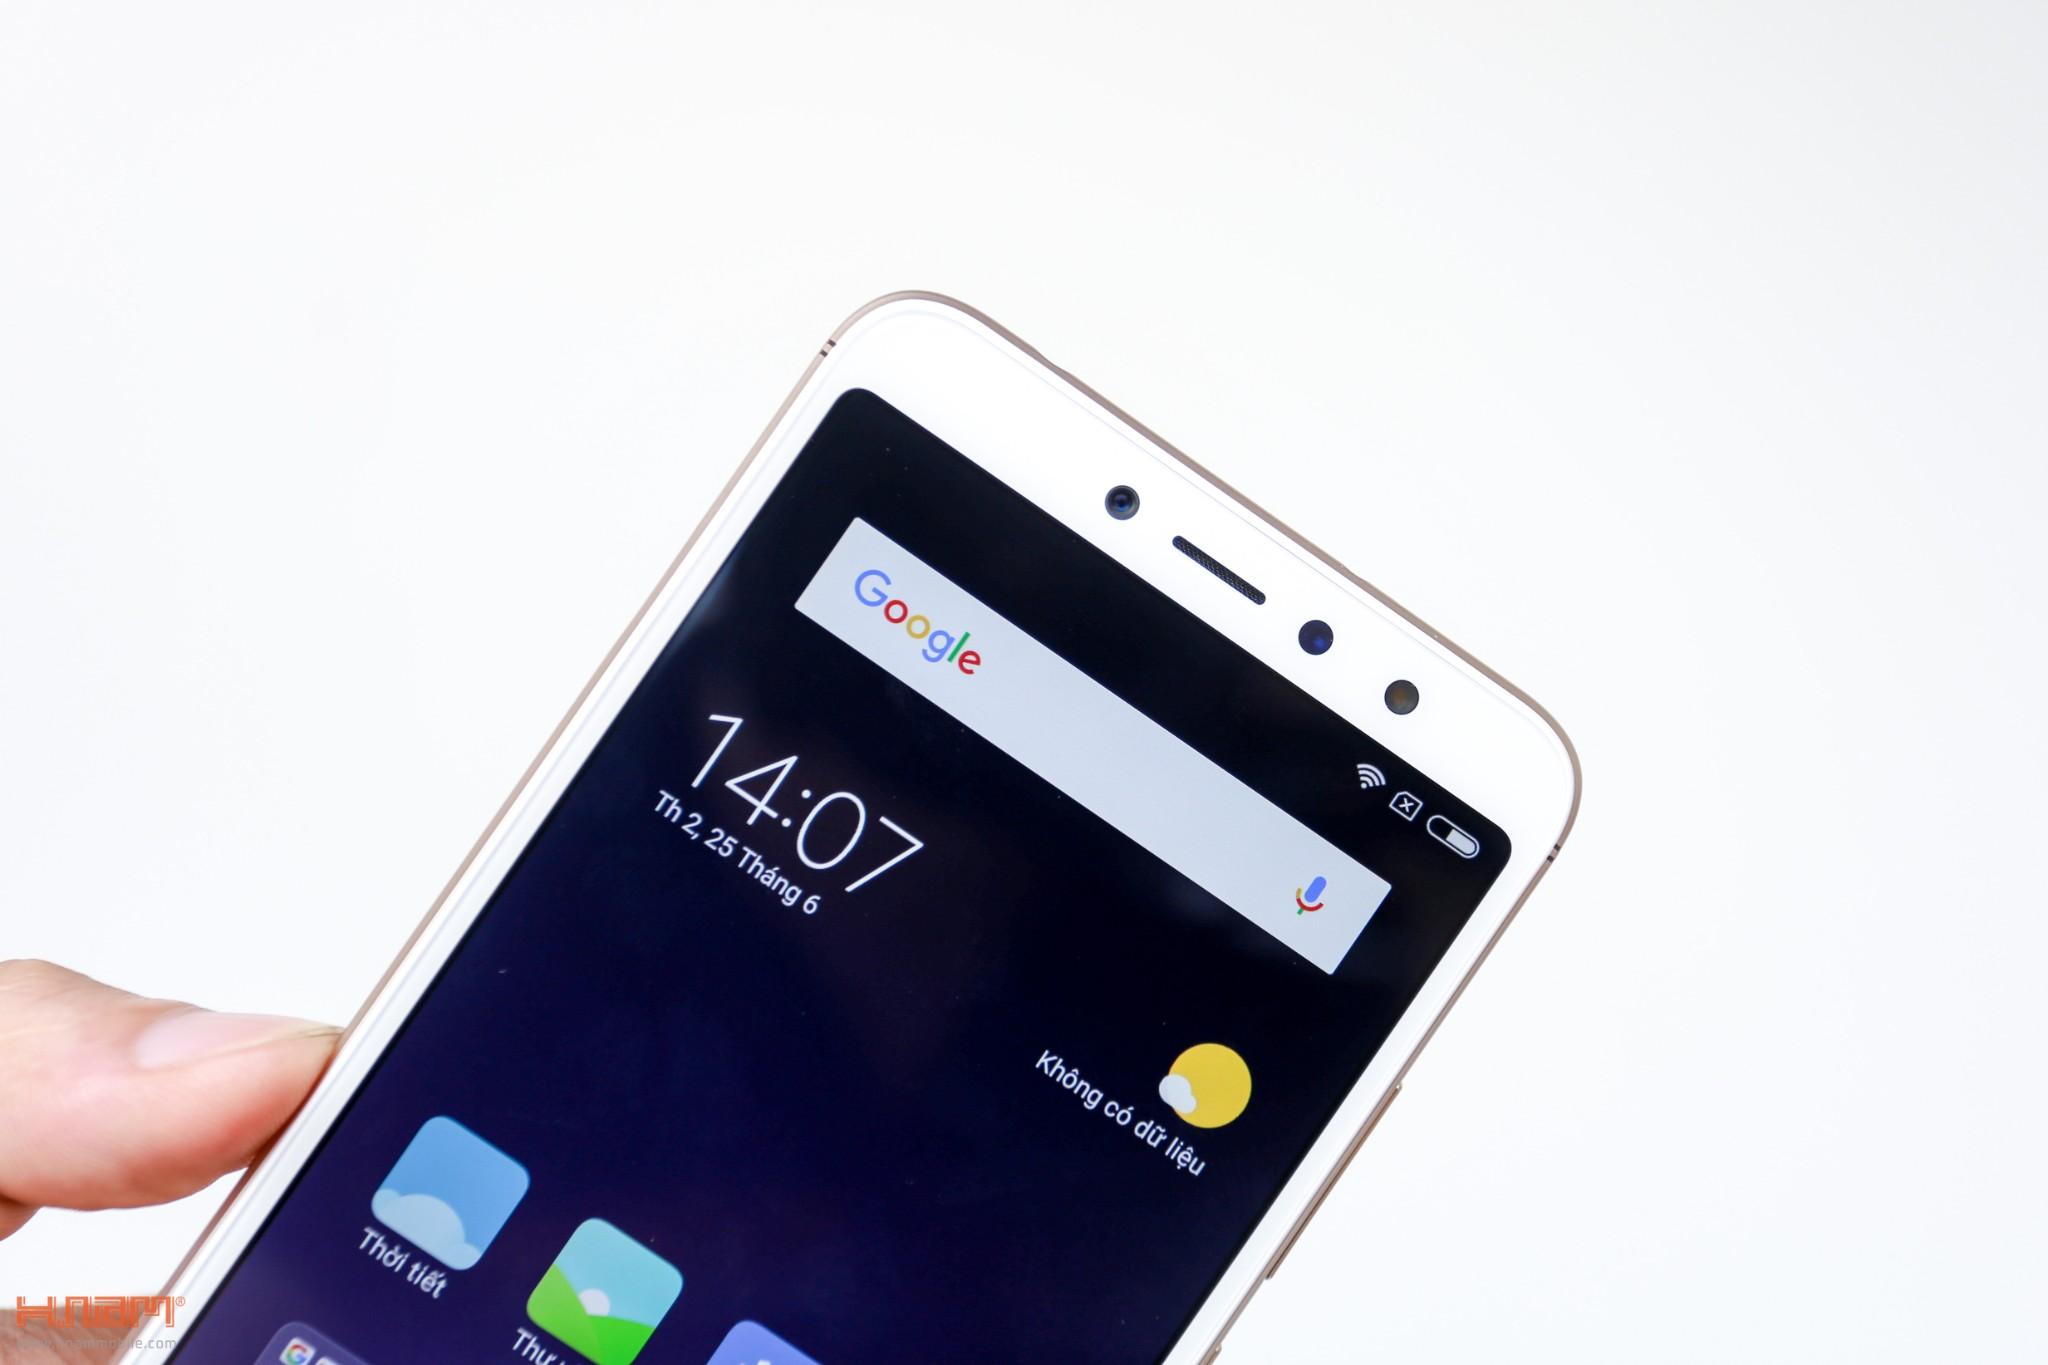 Trên tay Xiaomi Redmi S2: camera selfie AI giá chỉ 3.6 triệu đồng hình 16